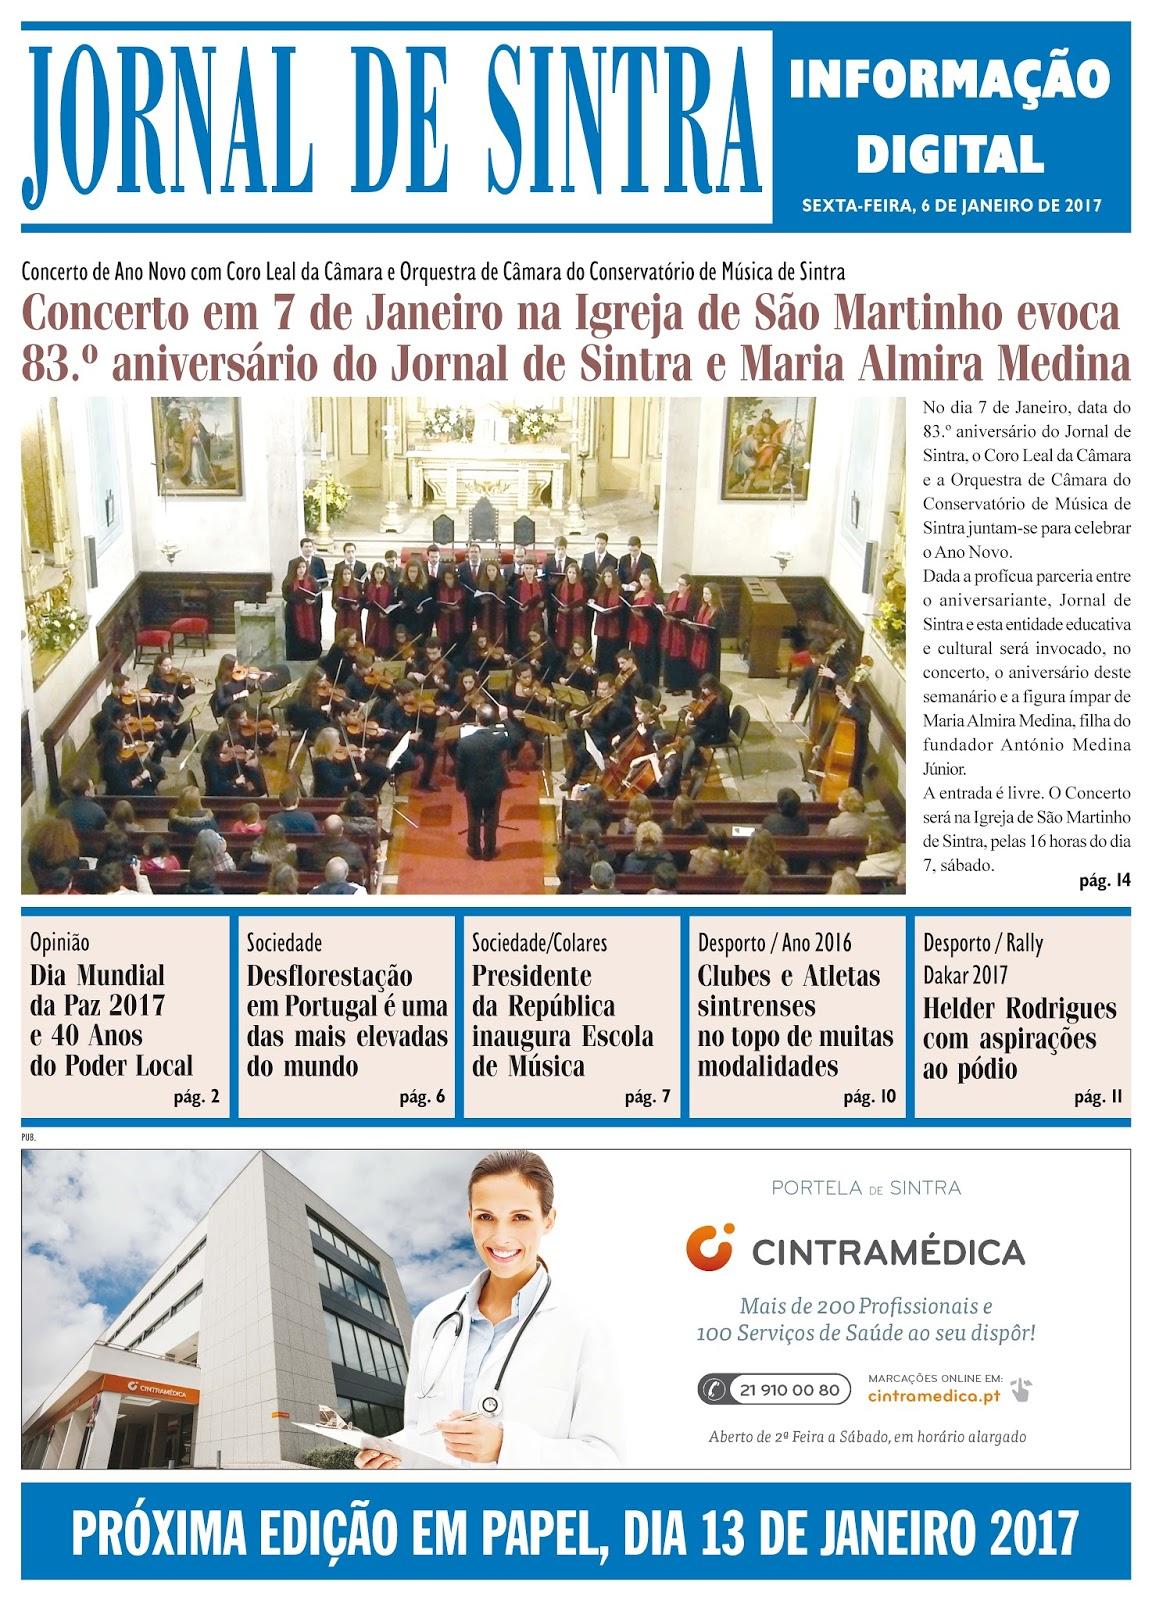 Capa da edição de 06-01-2017